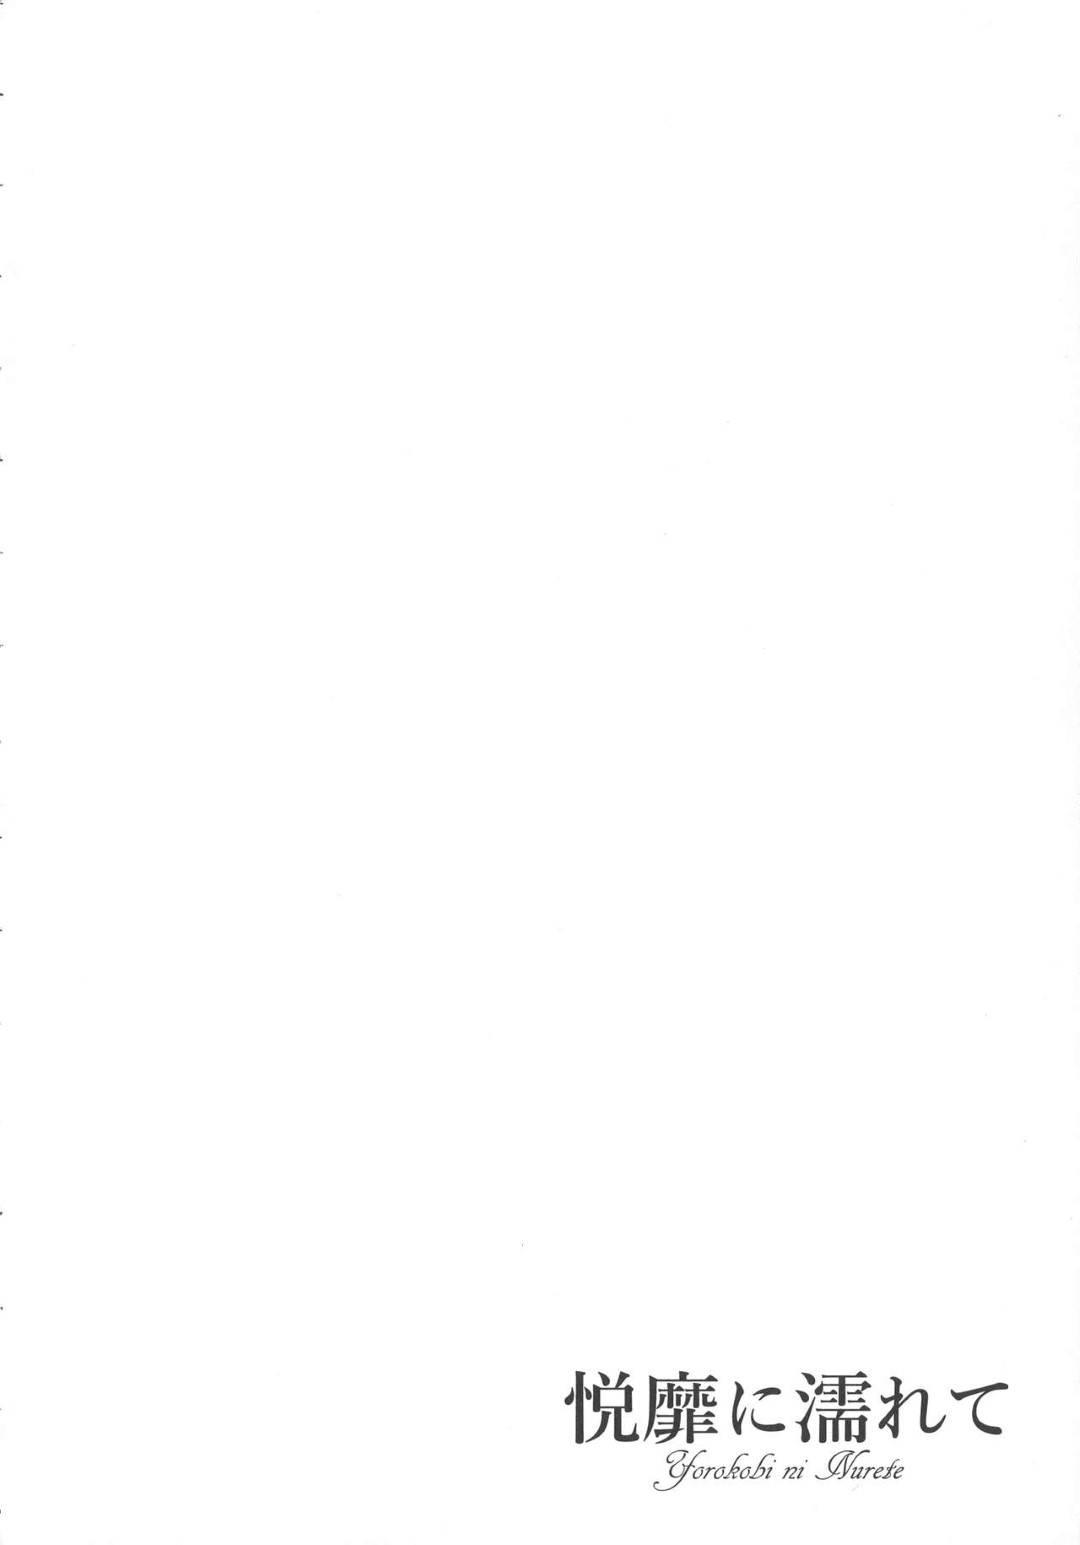 【エロ漫画】子供が愛しいと思うほど母乳が出てしまう体質の爆乳保育士…園長に相談すると搾乳器と口を使って母乳を搾り取ってもらうことに!どんどん体罰になってきてしまいついに園長と一線を越えてしまう!トロ顔で精子をおねだり!【跳馬遊鹿】